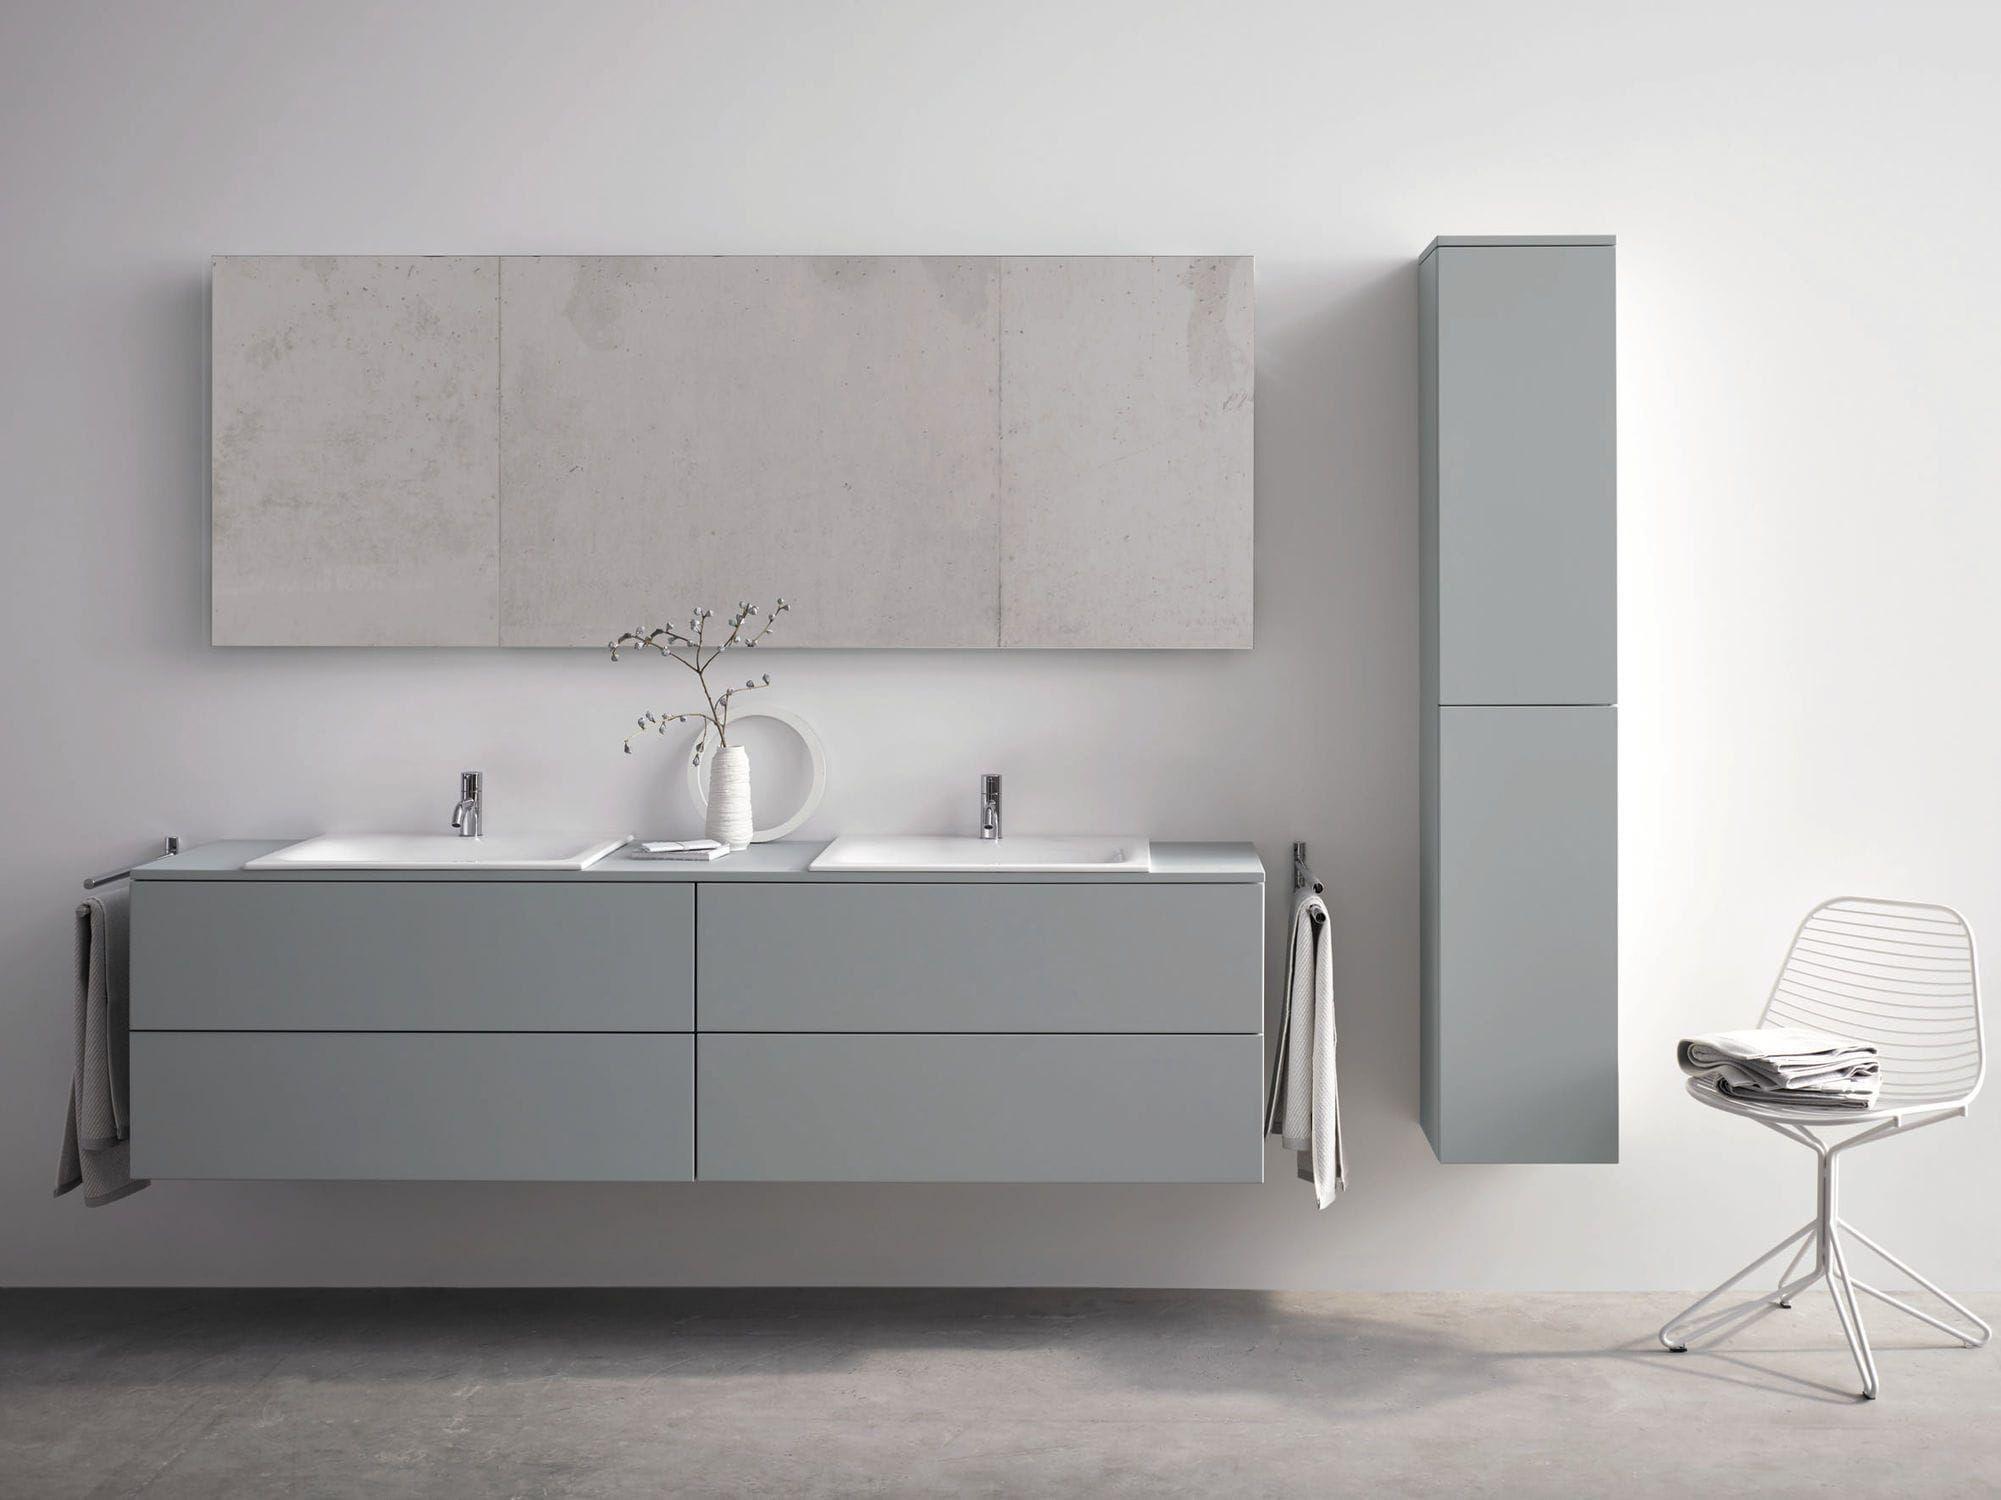 Schön highboard badezimmer  Badezimmer, Duschwanne, Waschtisch